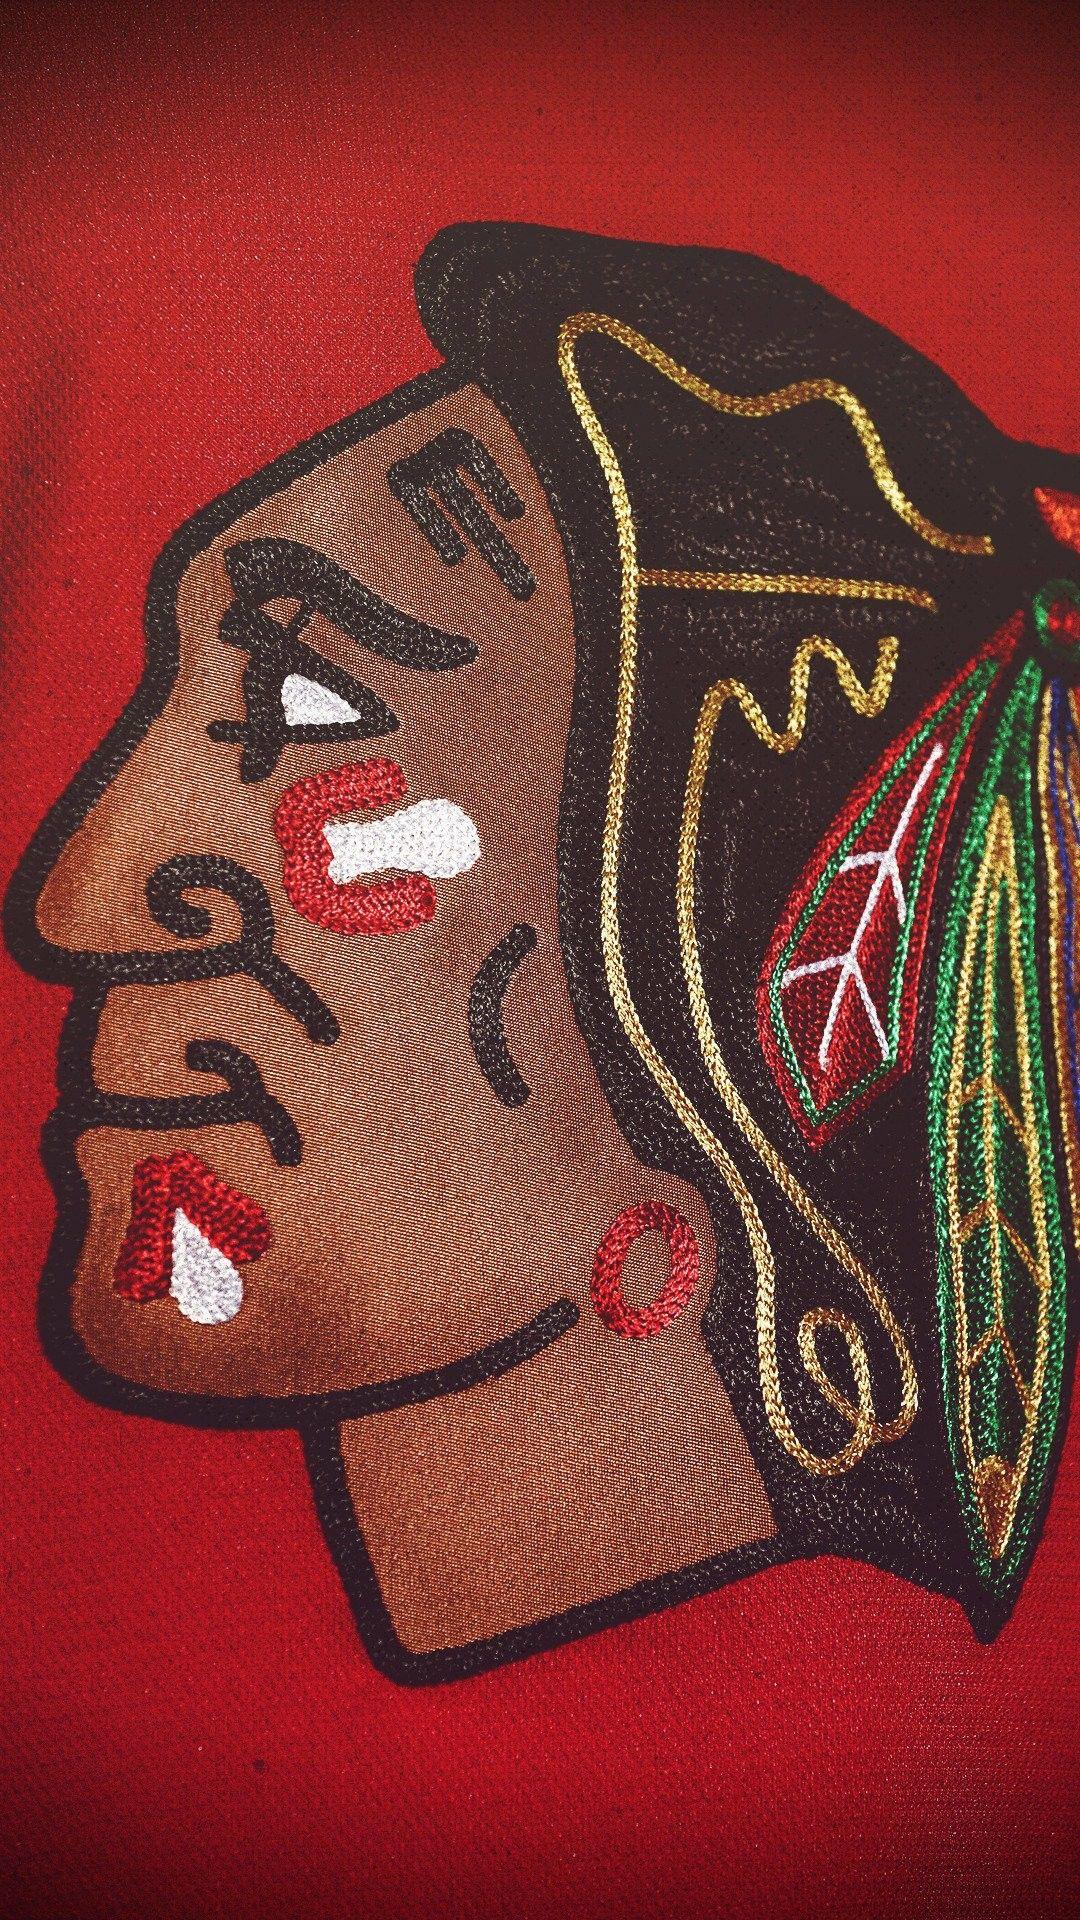 Chicago Blackhawks Wallpaper Chicago Blackhawks Wallpaper Blackhawks Chicago Blackhawks Hockey